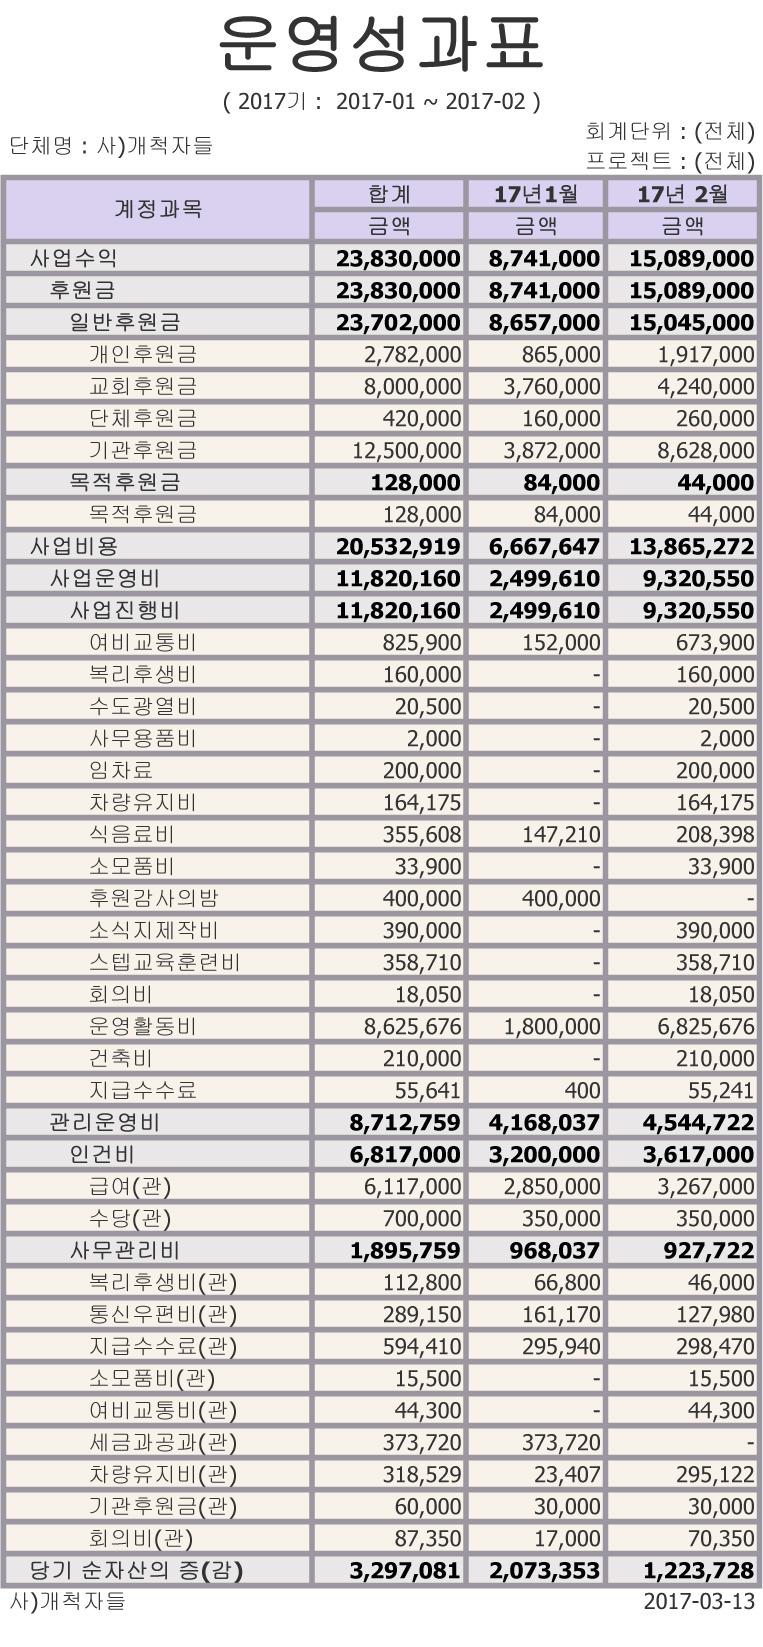 1월2월운영성과표.jpg